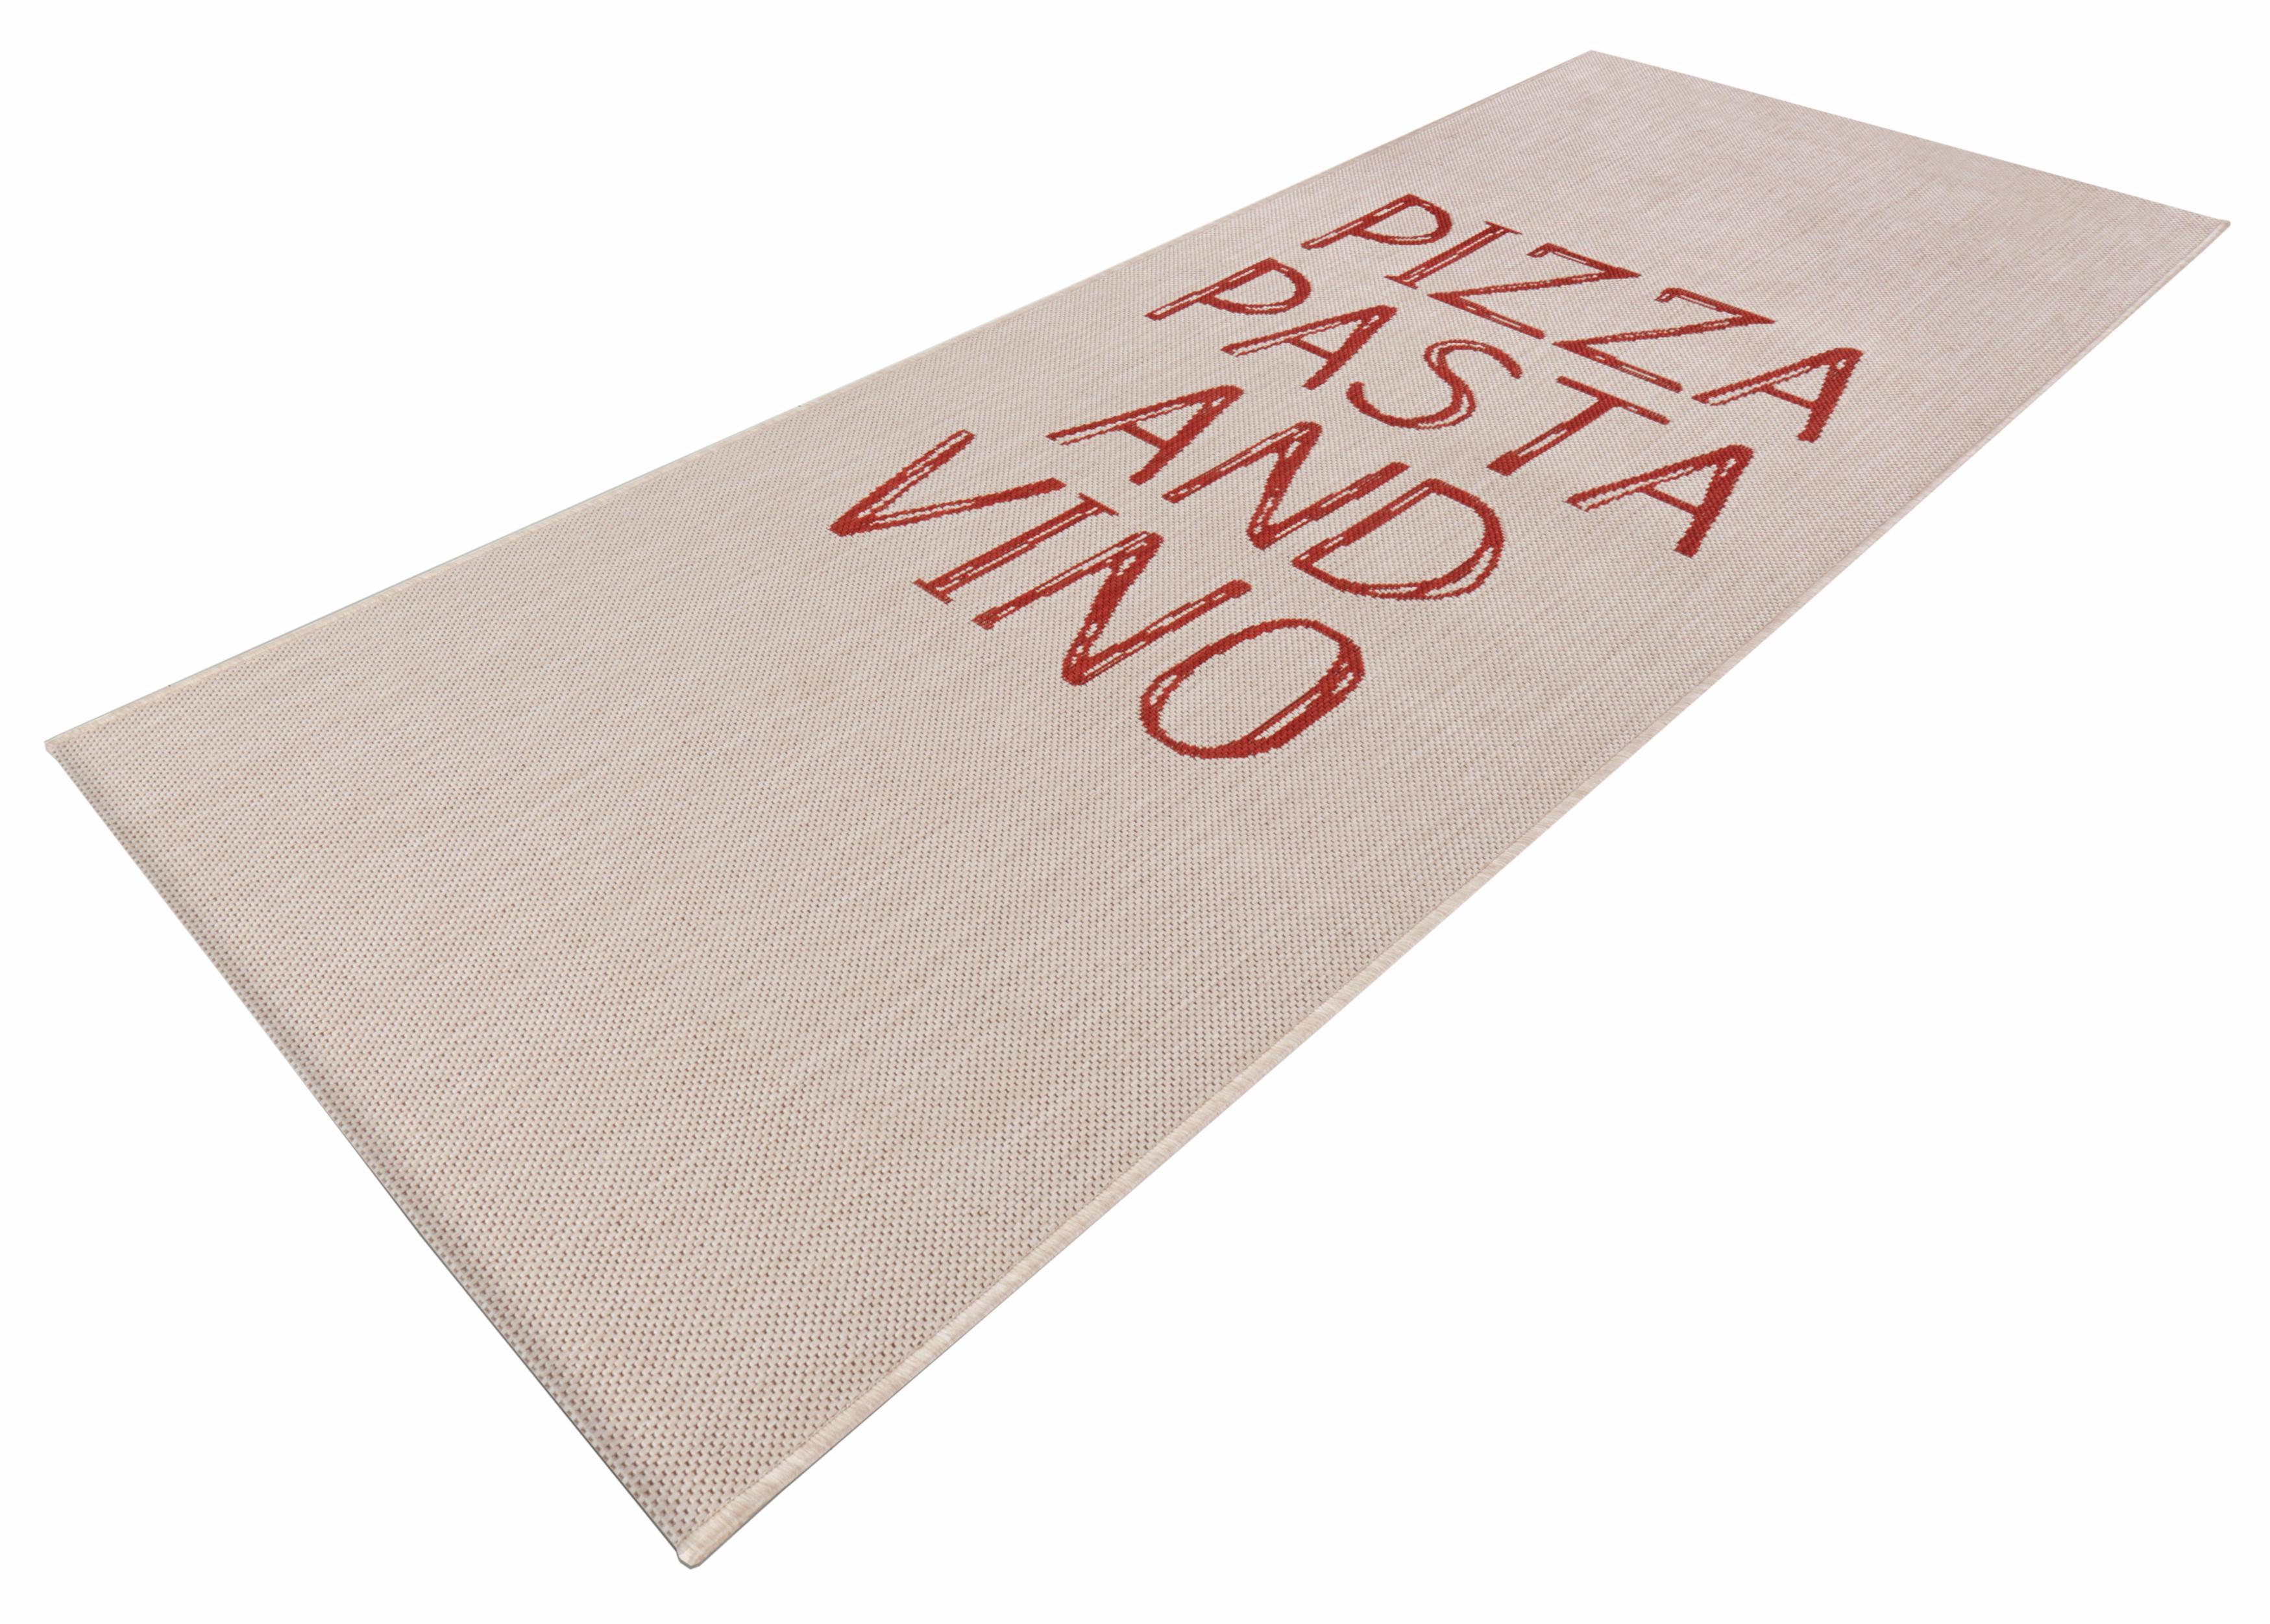 Läufer Pizza Pasta Vino Zala Living rechteckig Höhe 8 mm